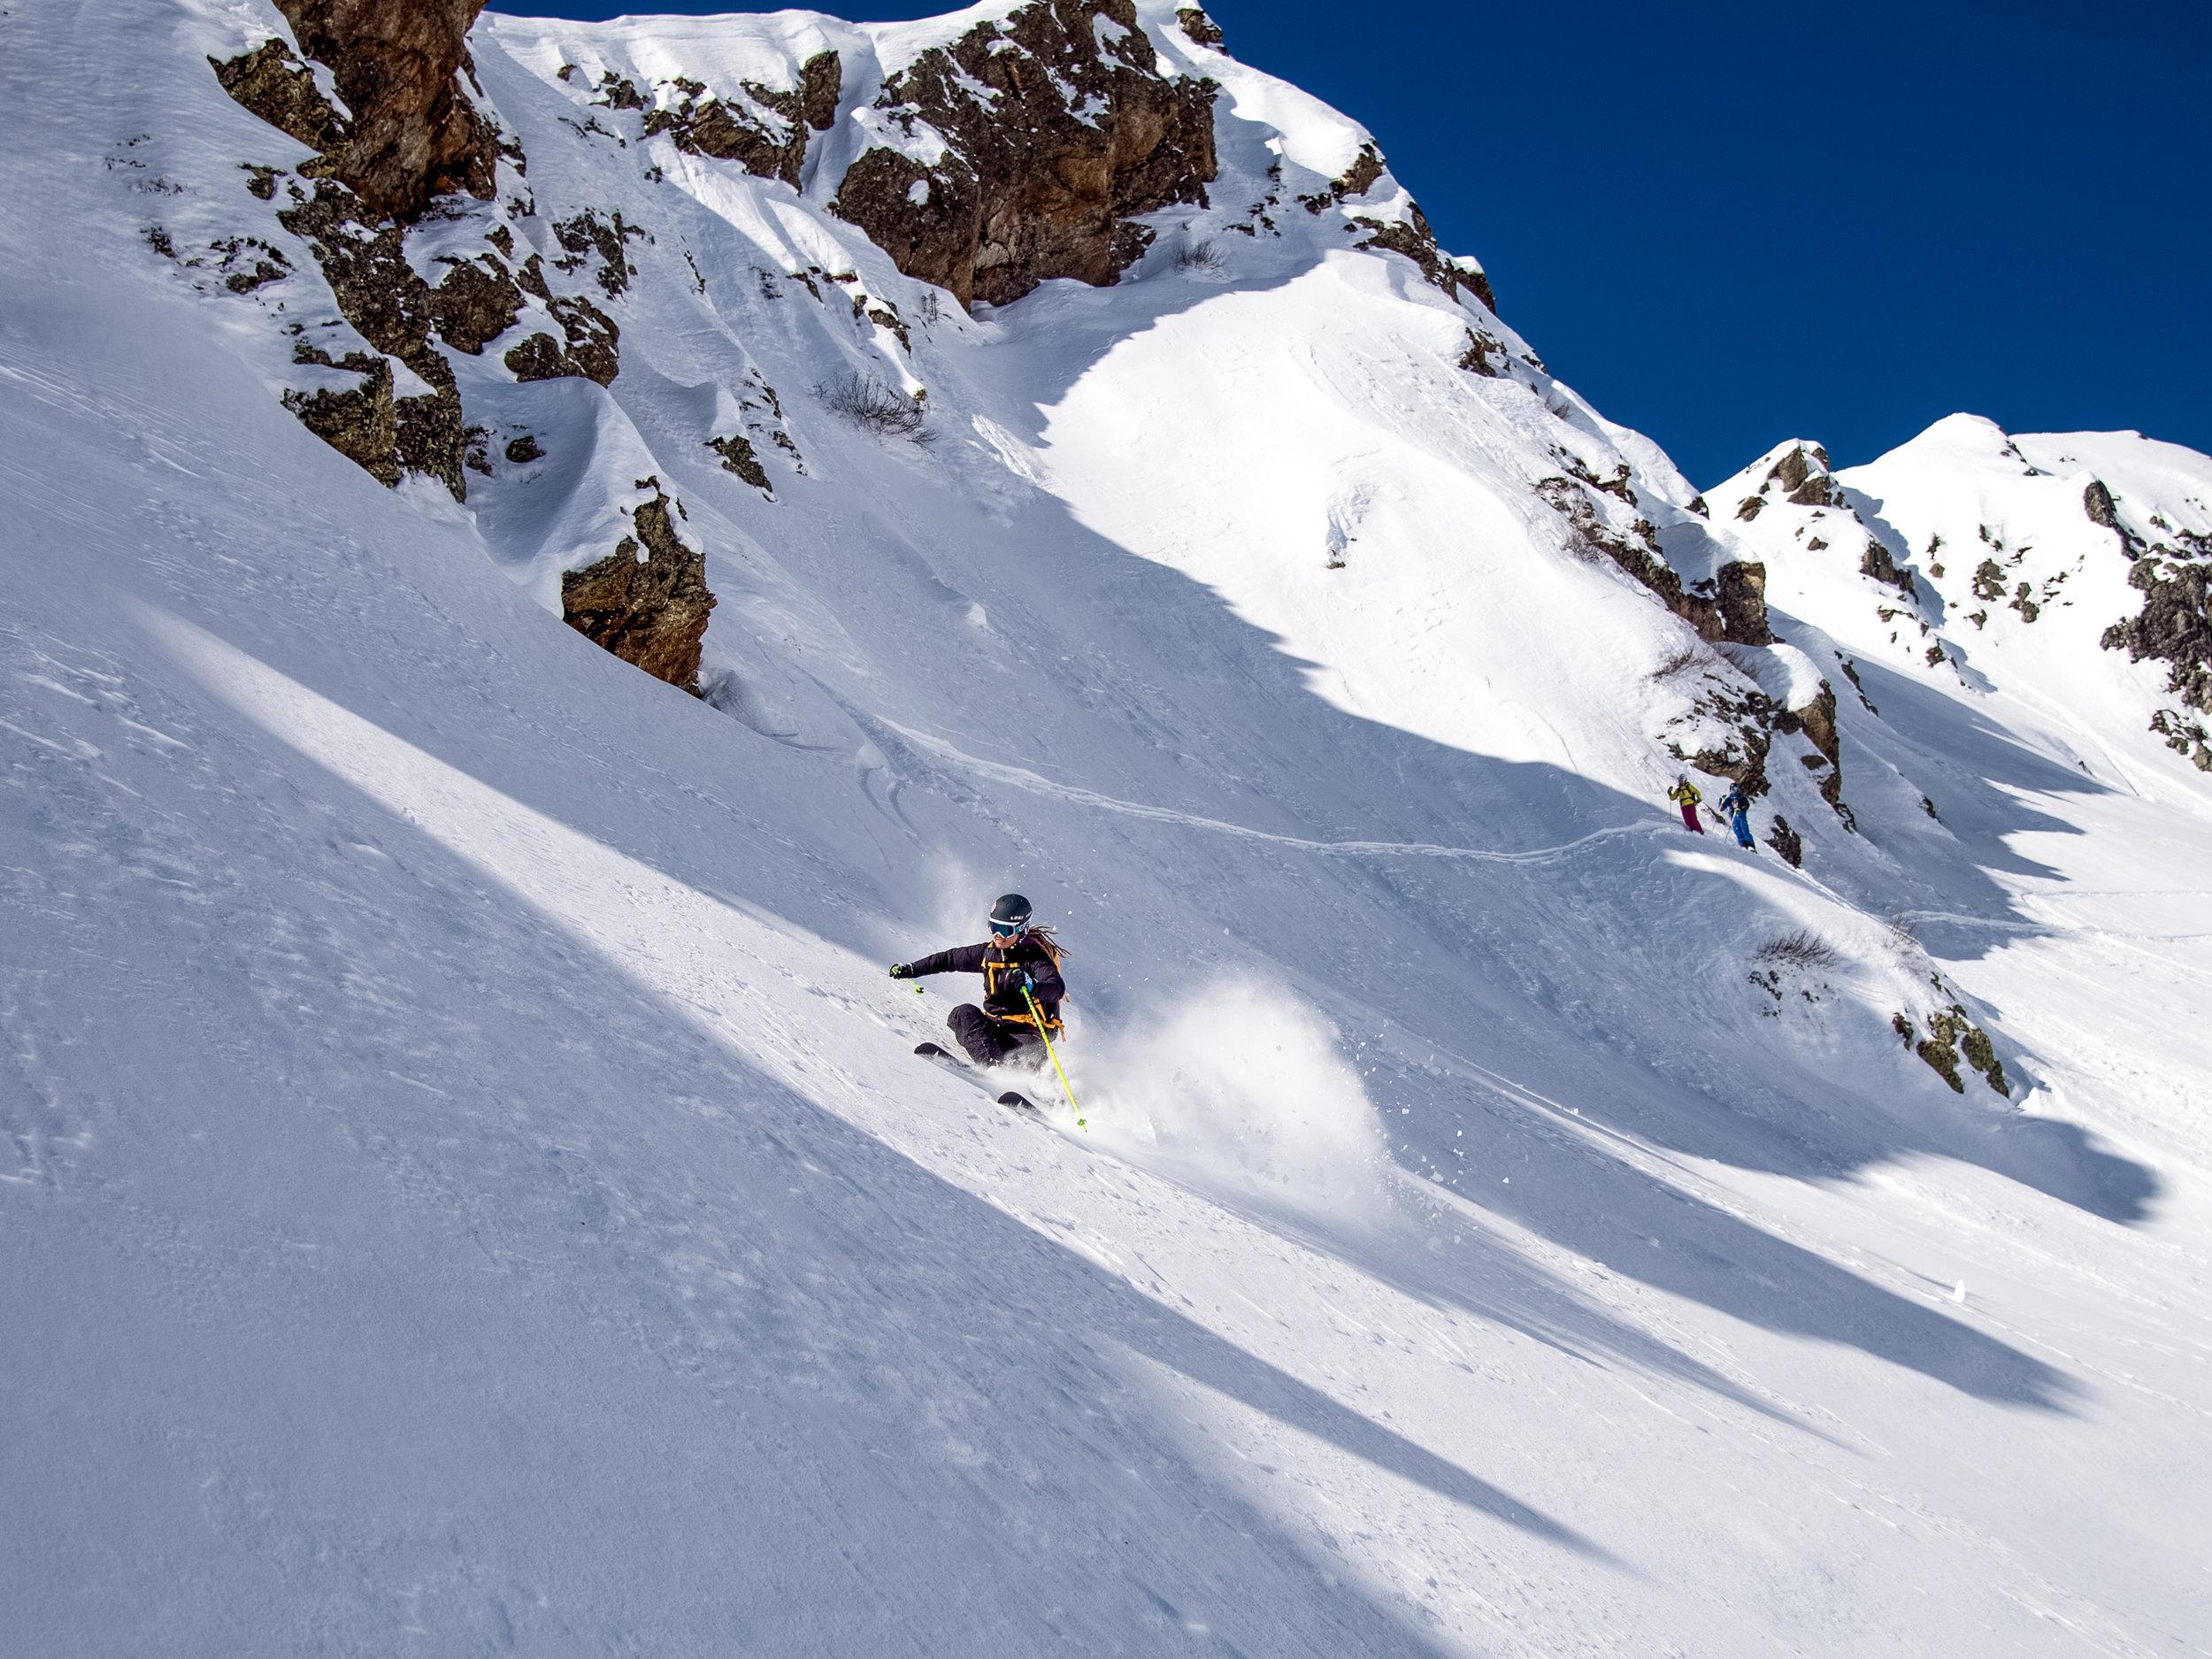 Egal ob auf der Piste oder beim Touren gehen, Freeriden oder Buckelpiste fahren, Skifahren soll Spaß machen und Bewegungen sollen spürbar werden. -